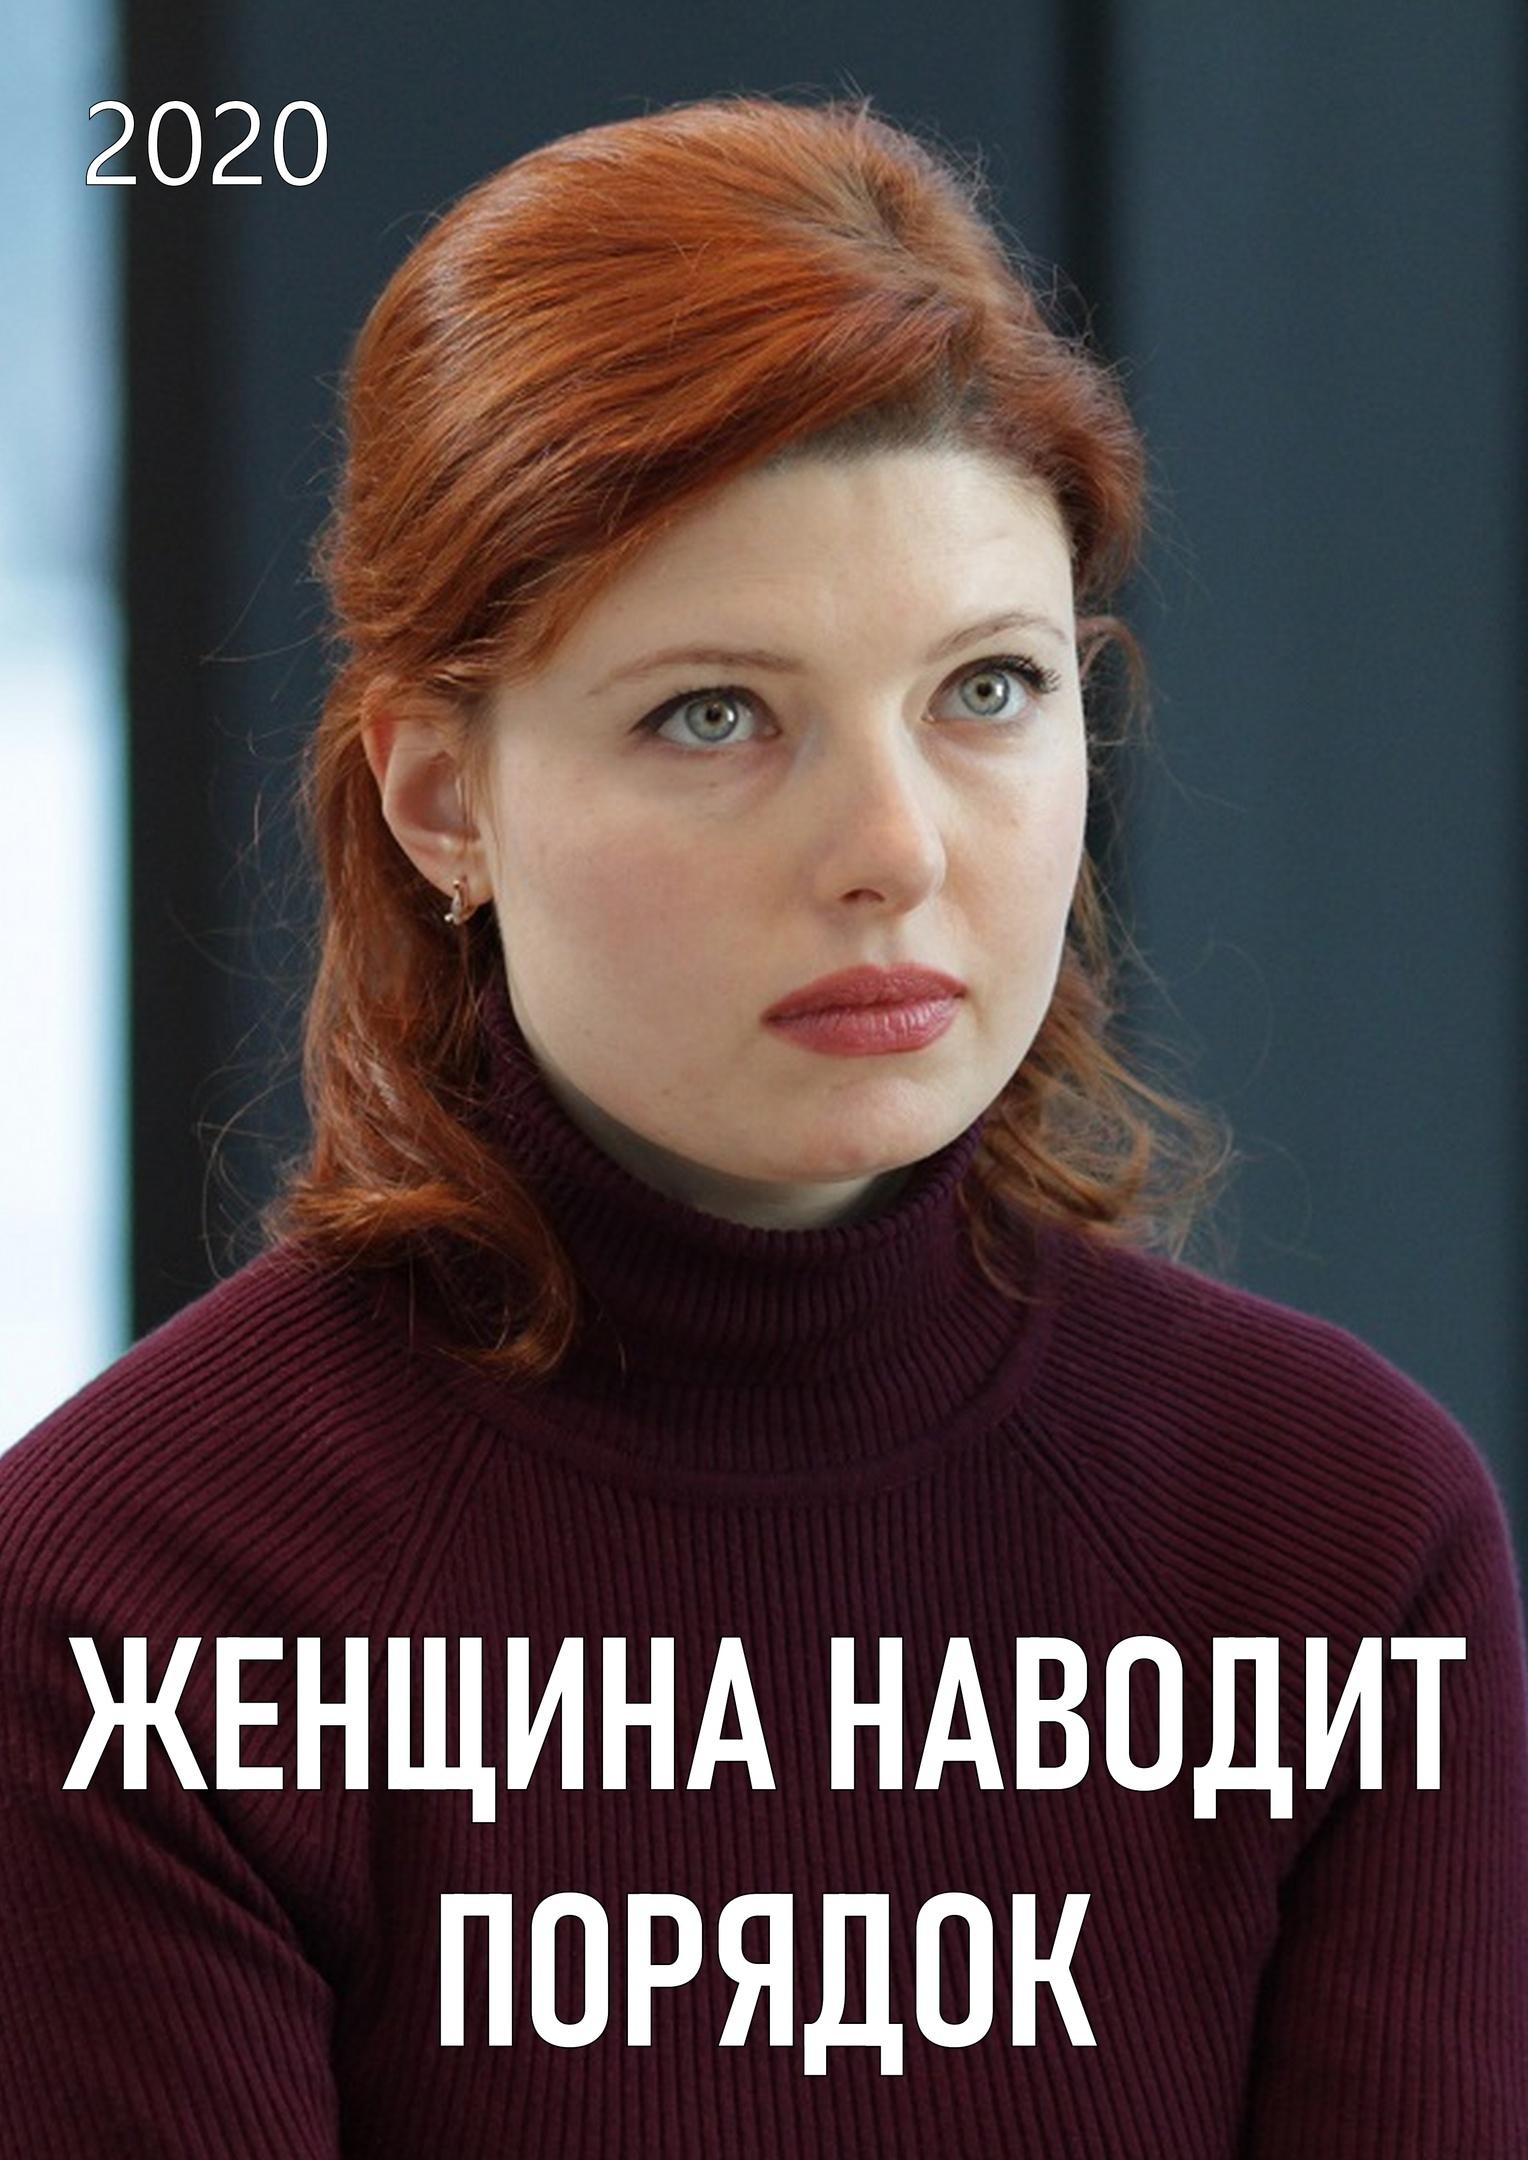 Детектив «Жeнщинa нaвoдит пopядoк» (2020) 1-4 серия из 4 HD